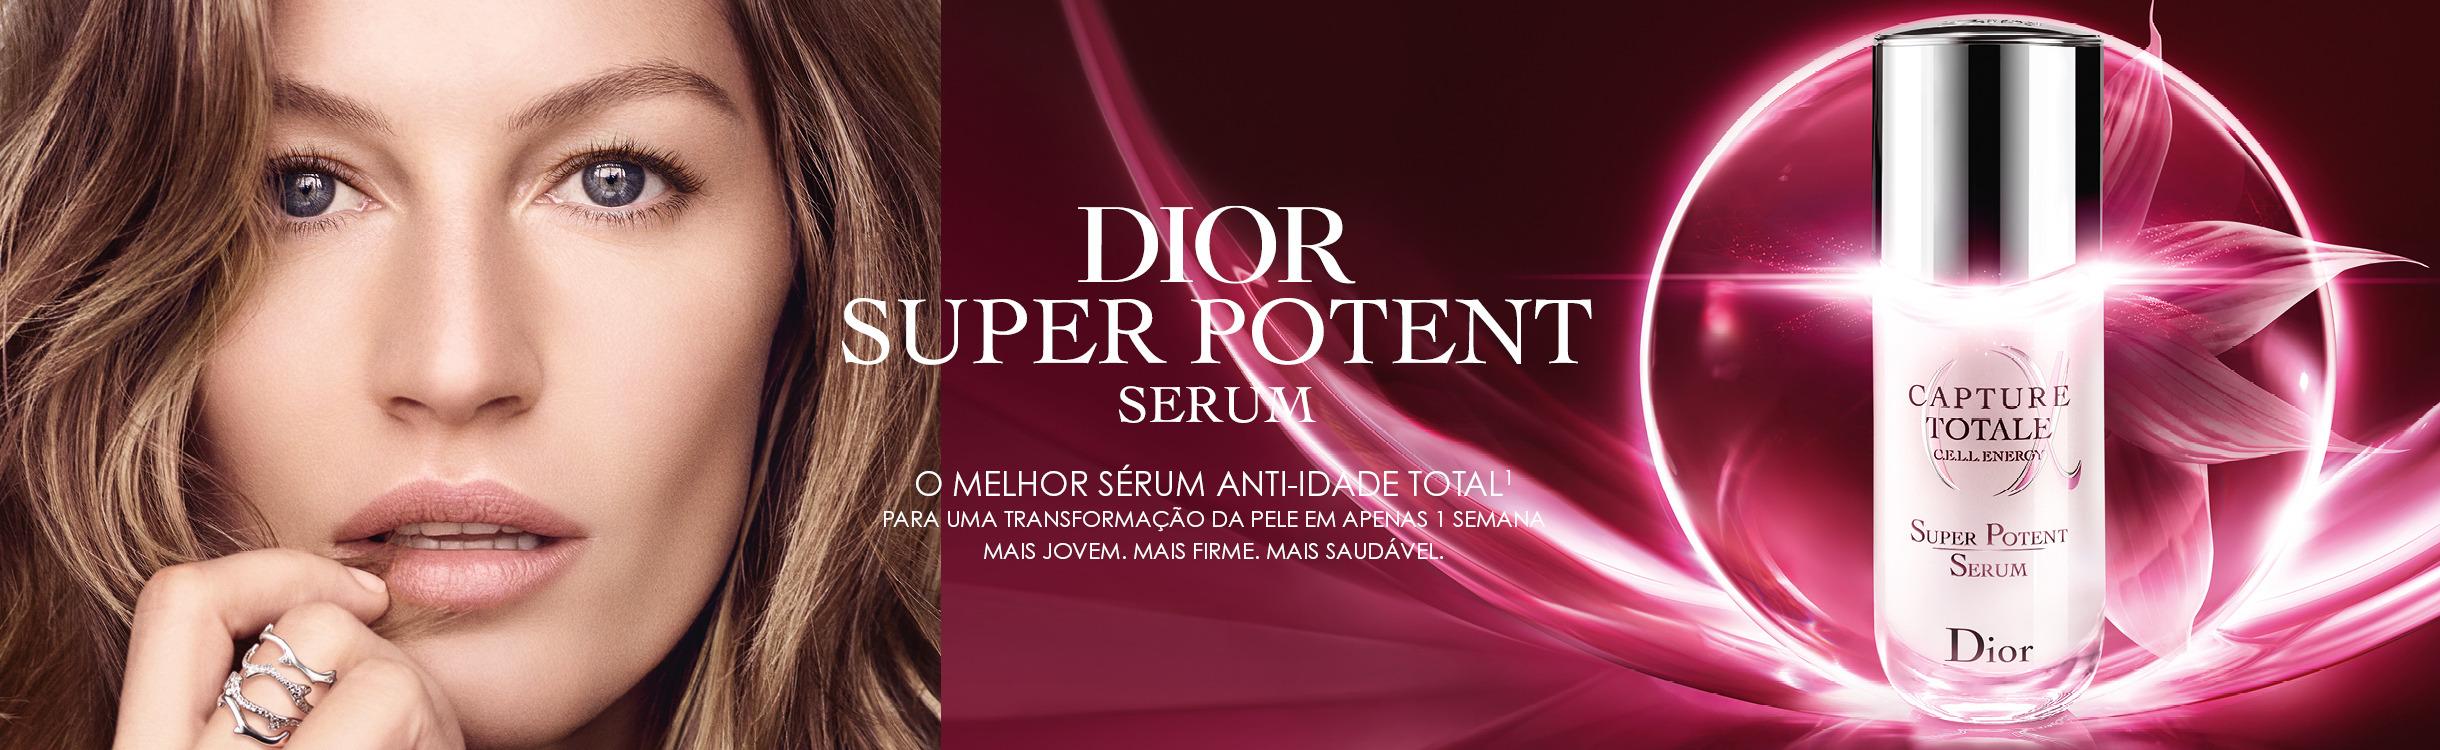 Cuidados para Rosto Dior